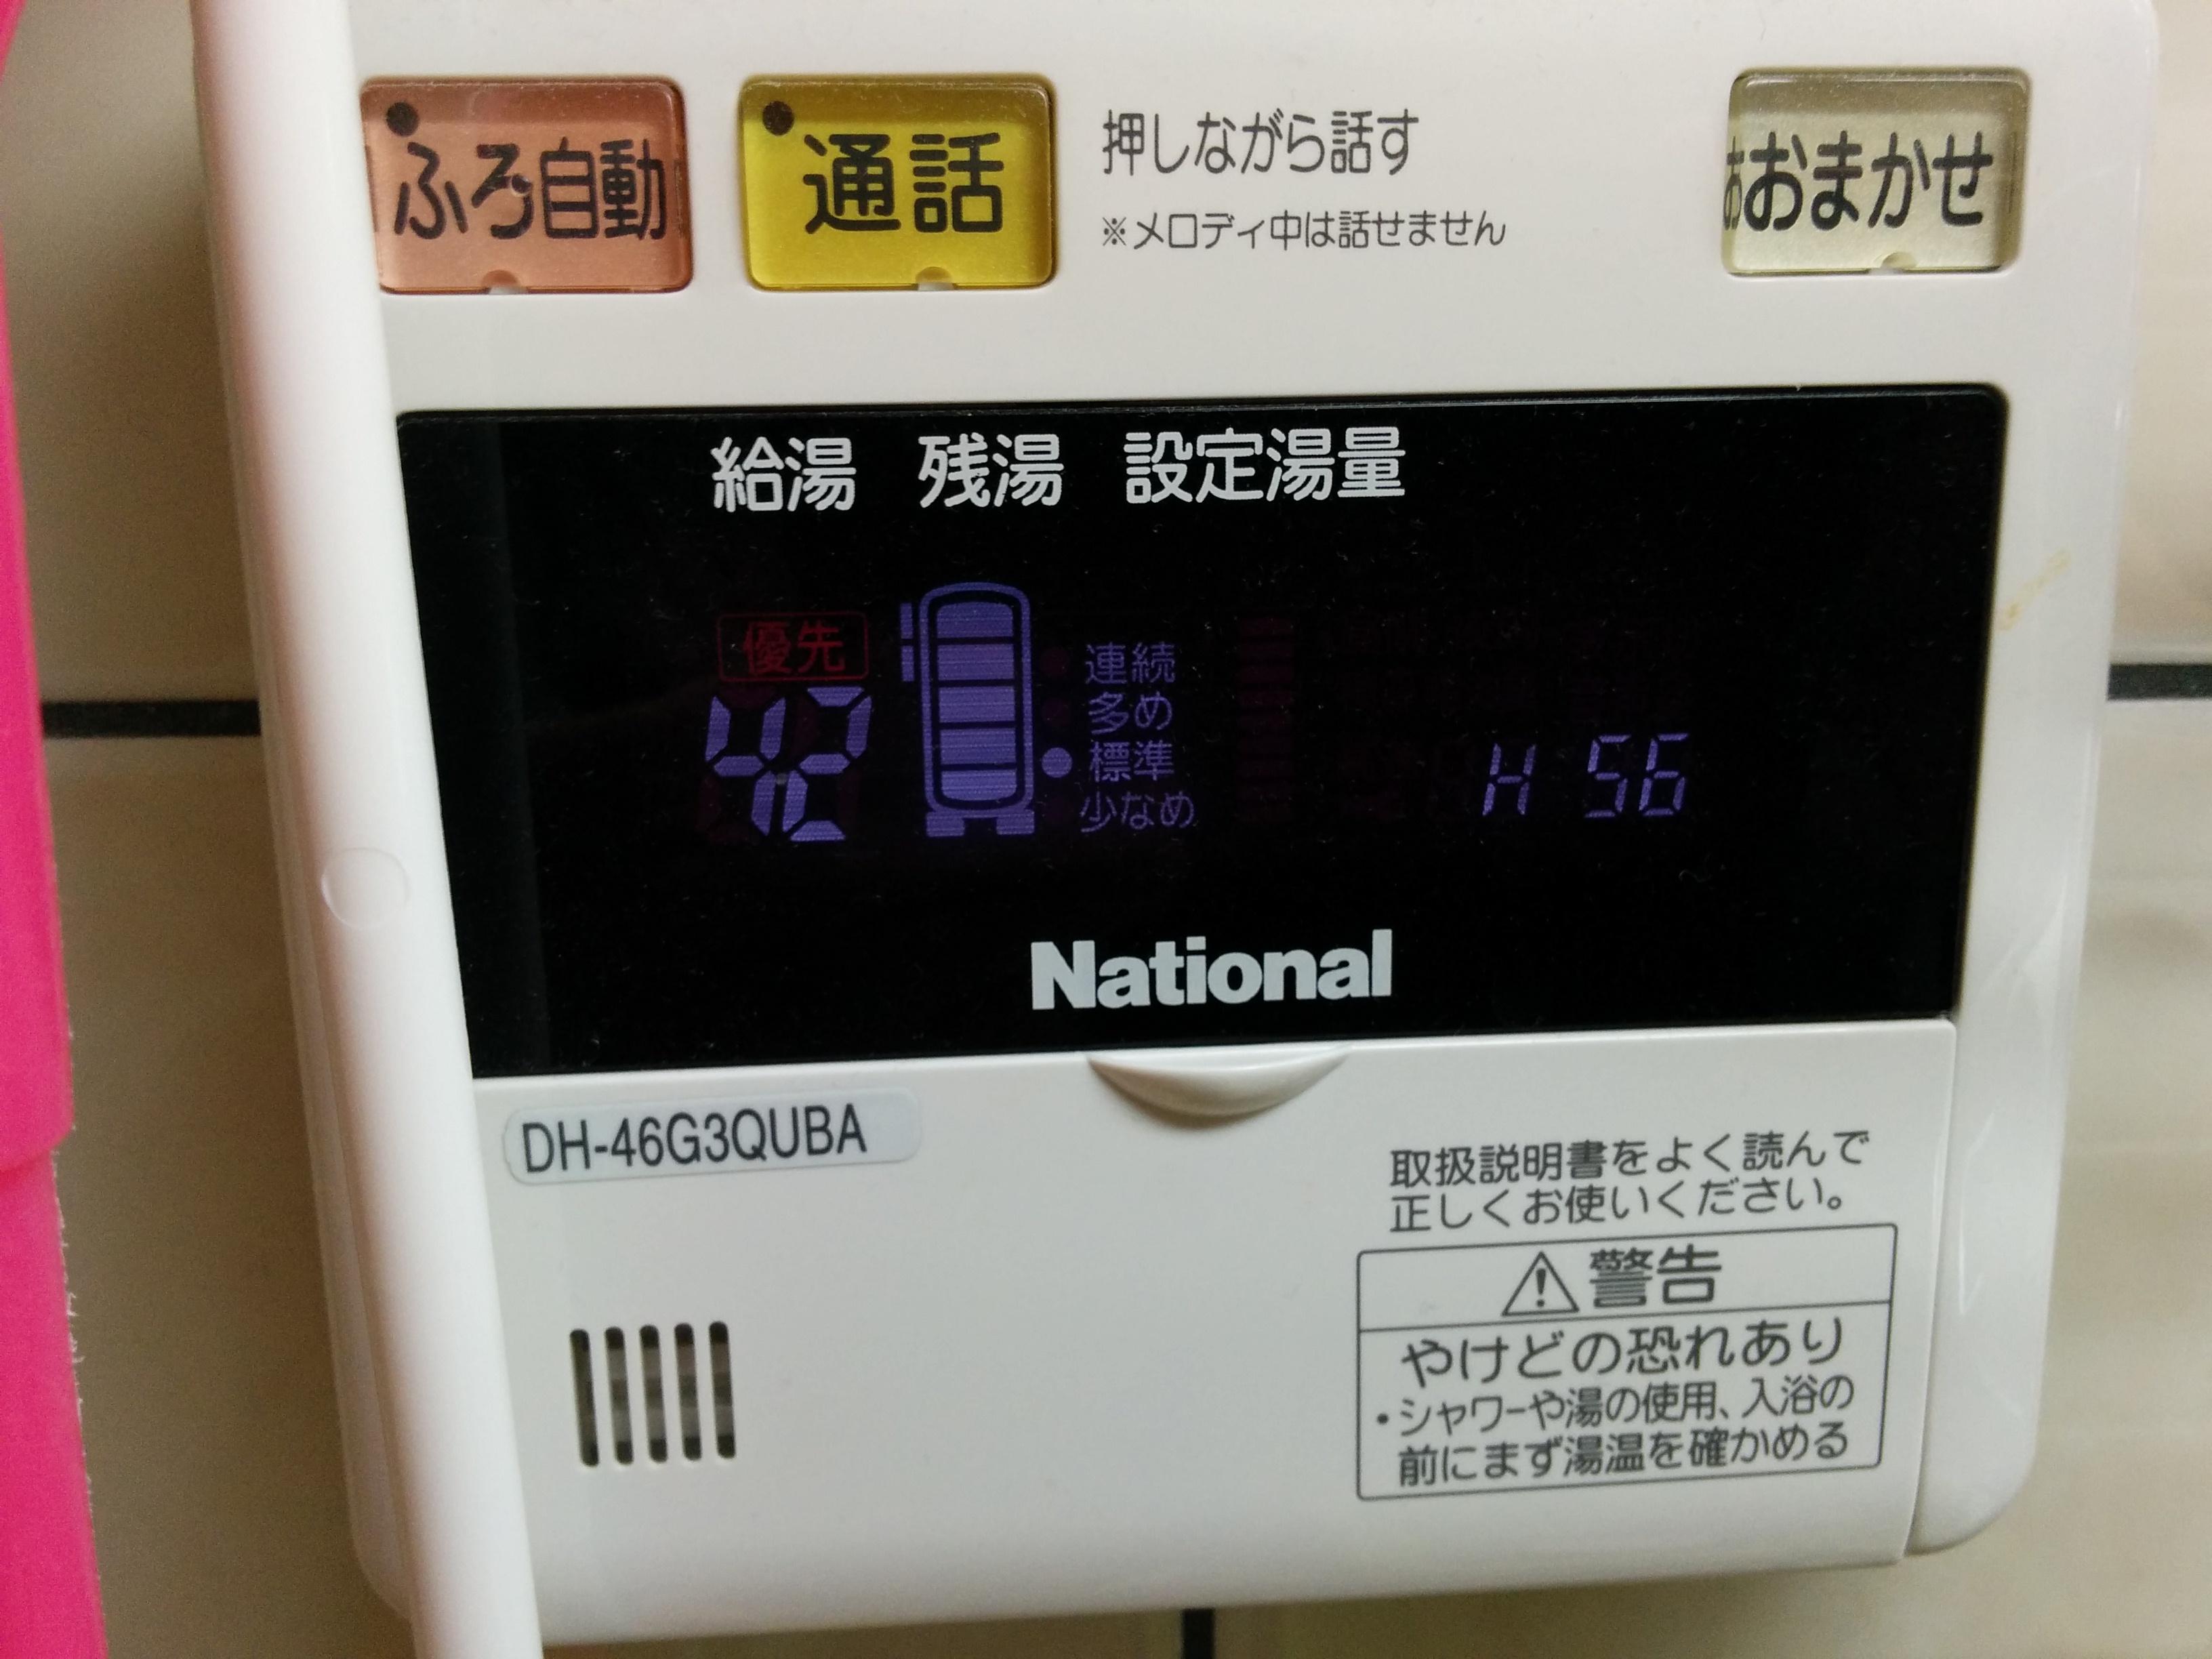 National 電気温水器 DH-46G3QUBA